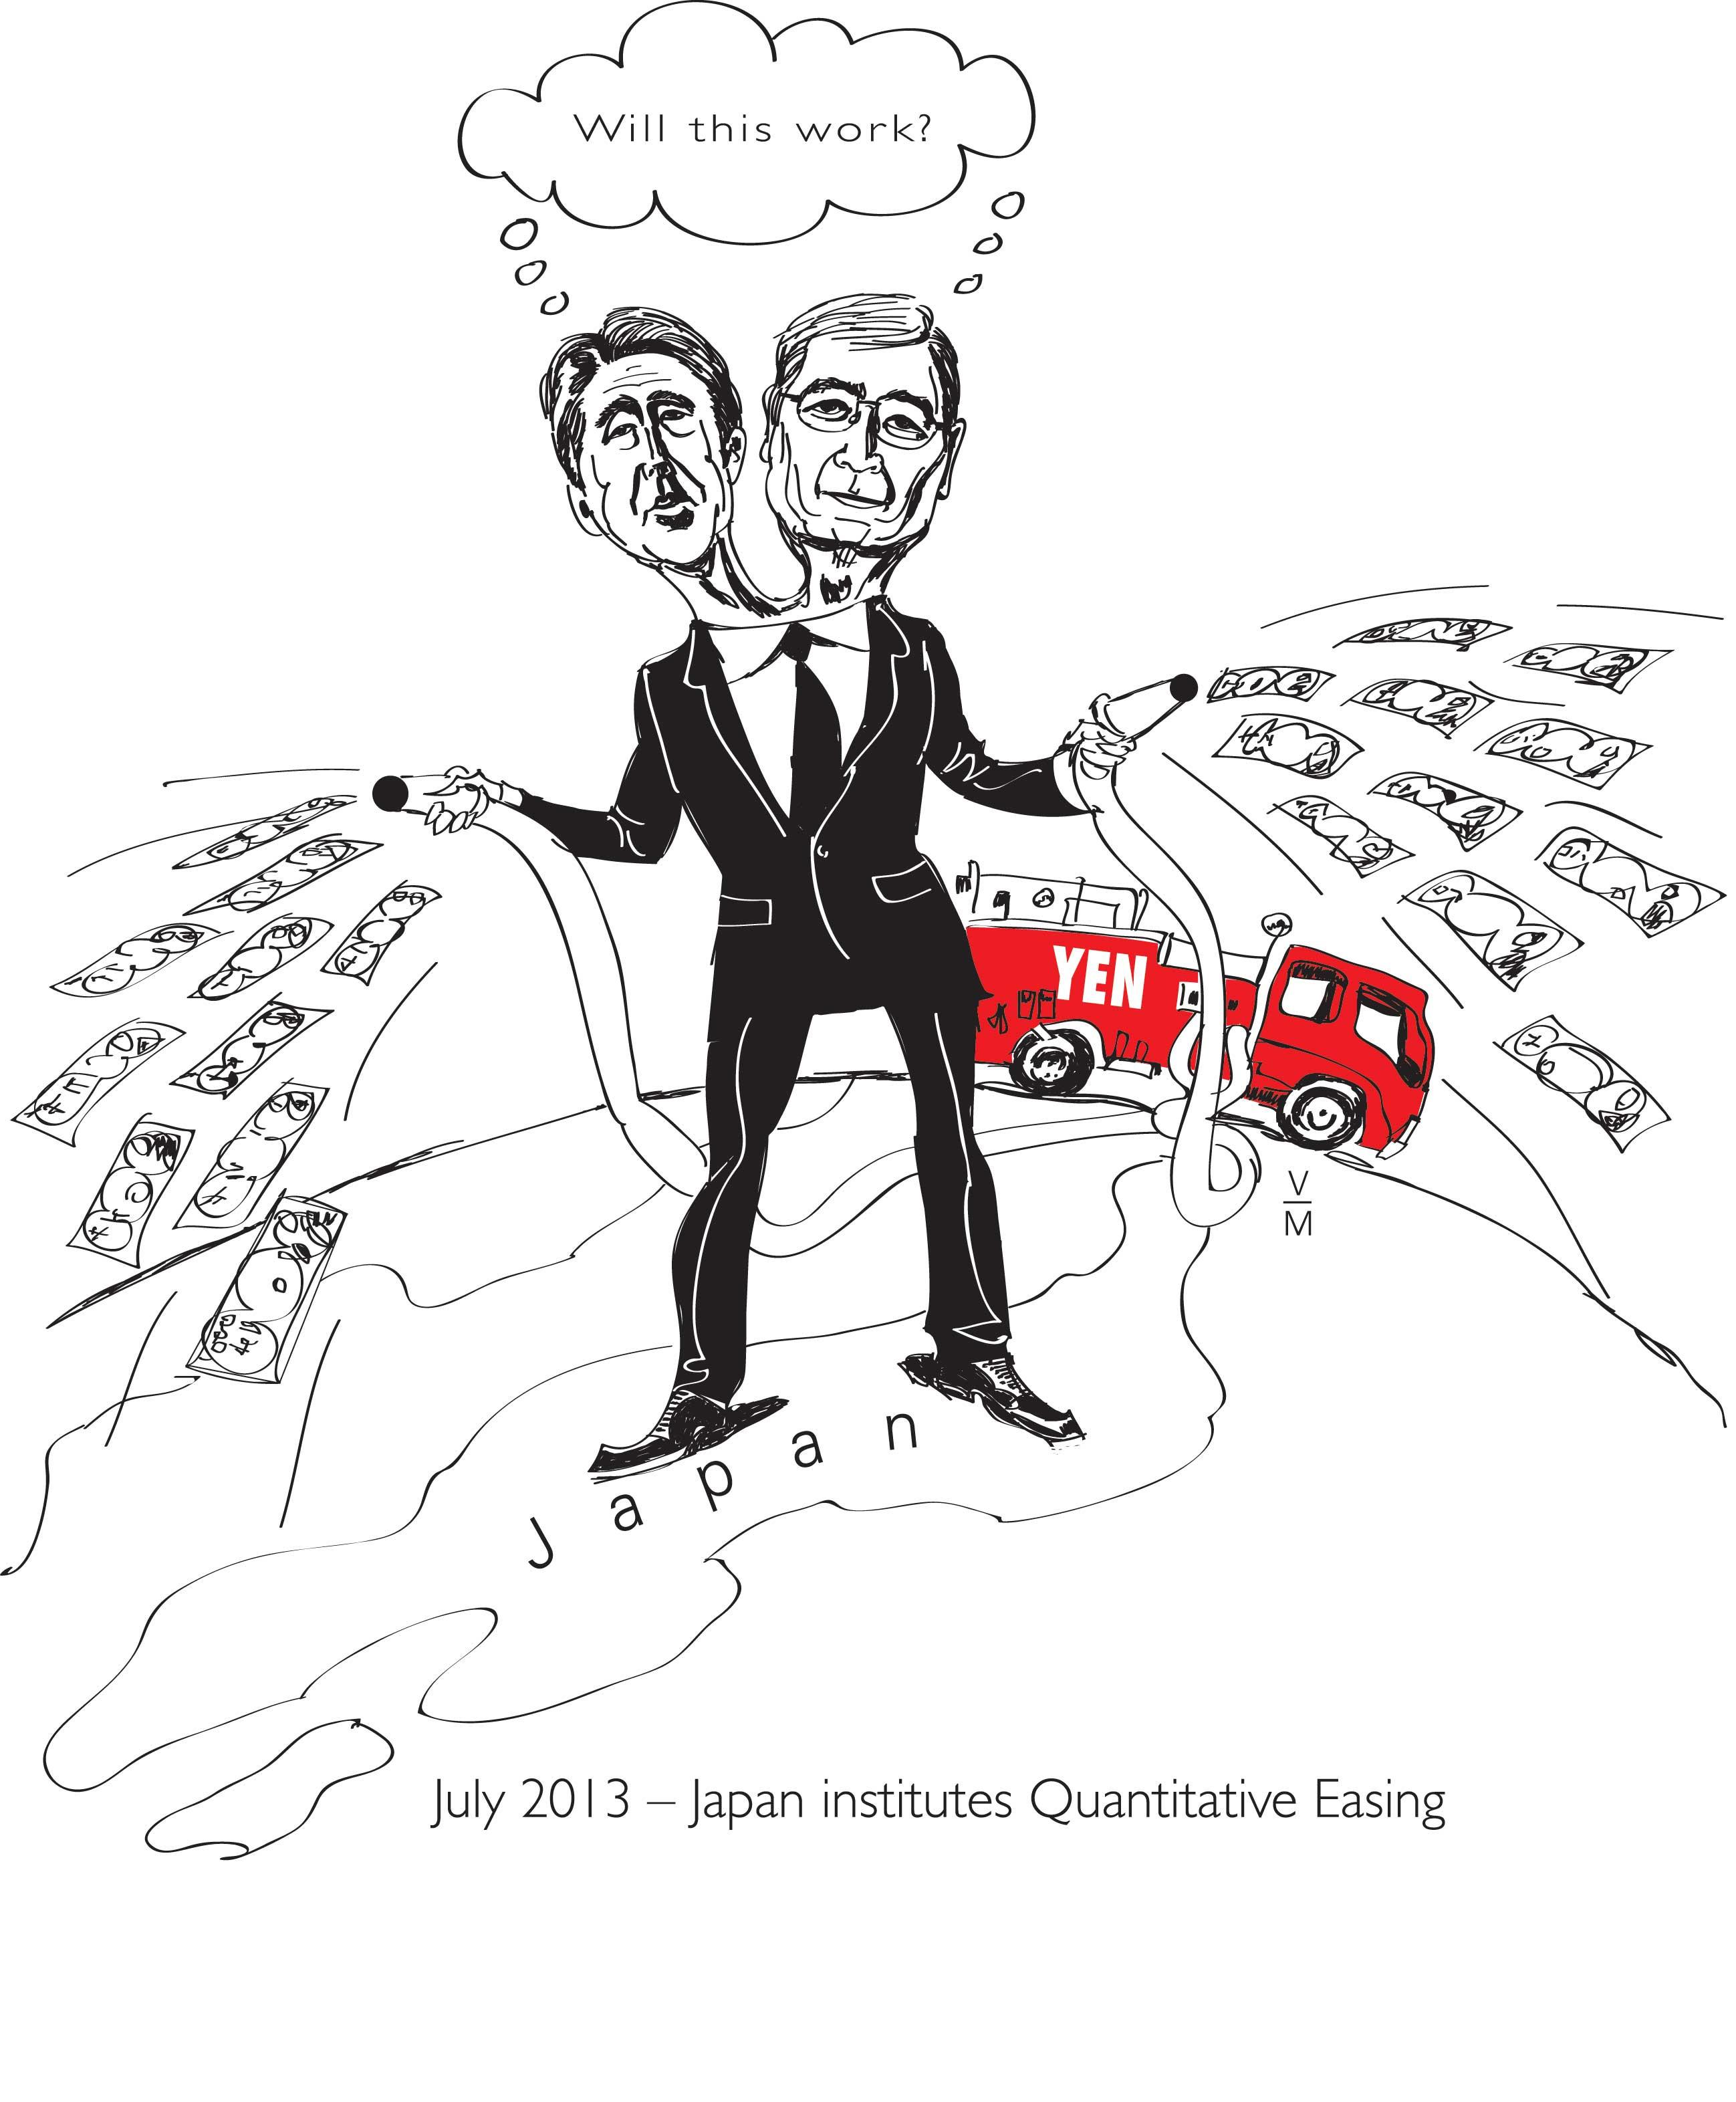 Japan institutes Quantitative Easing